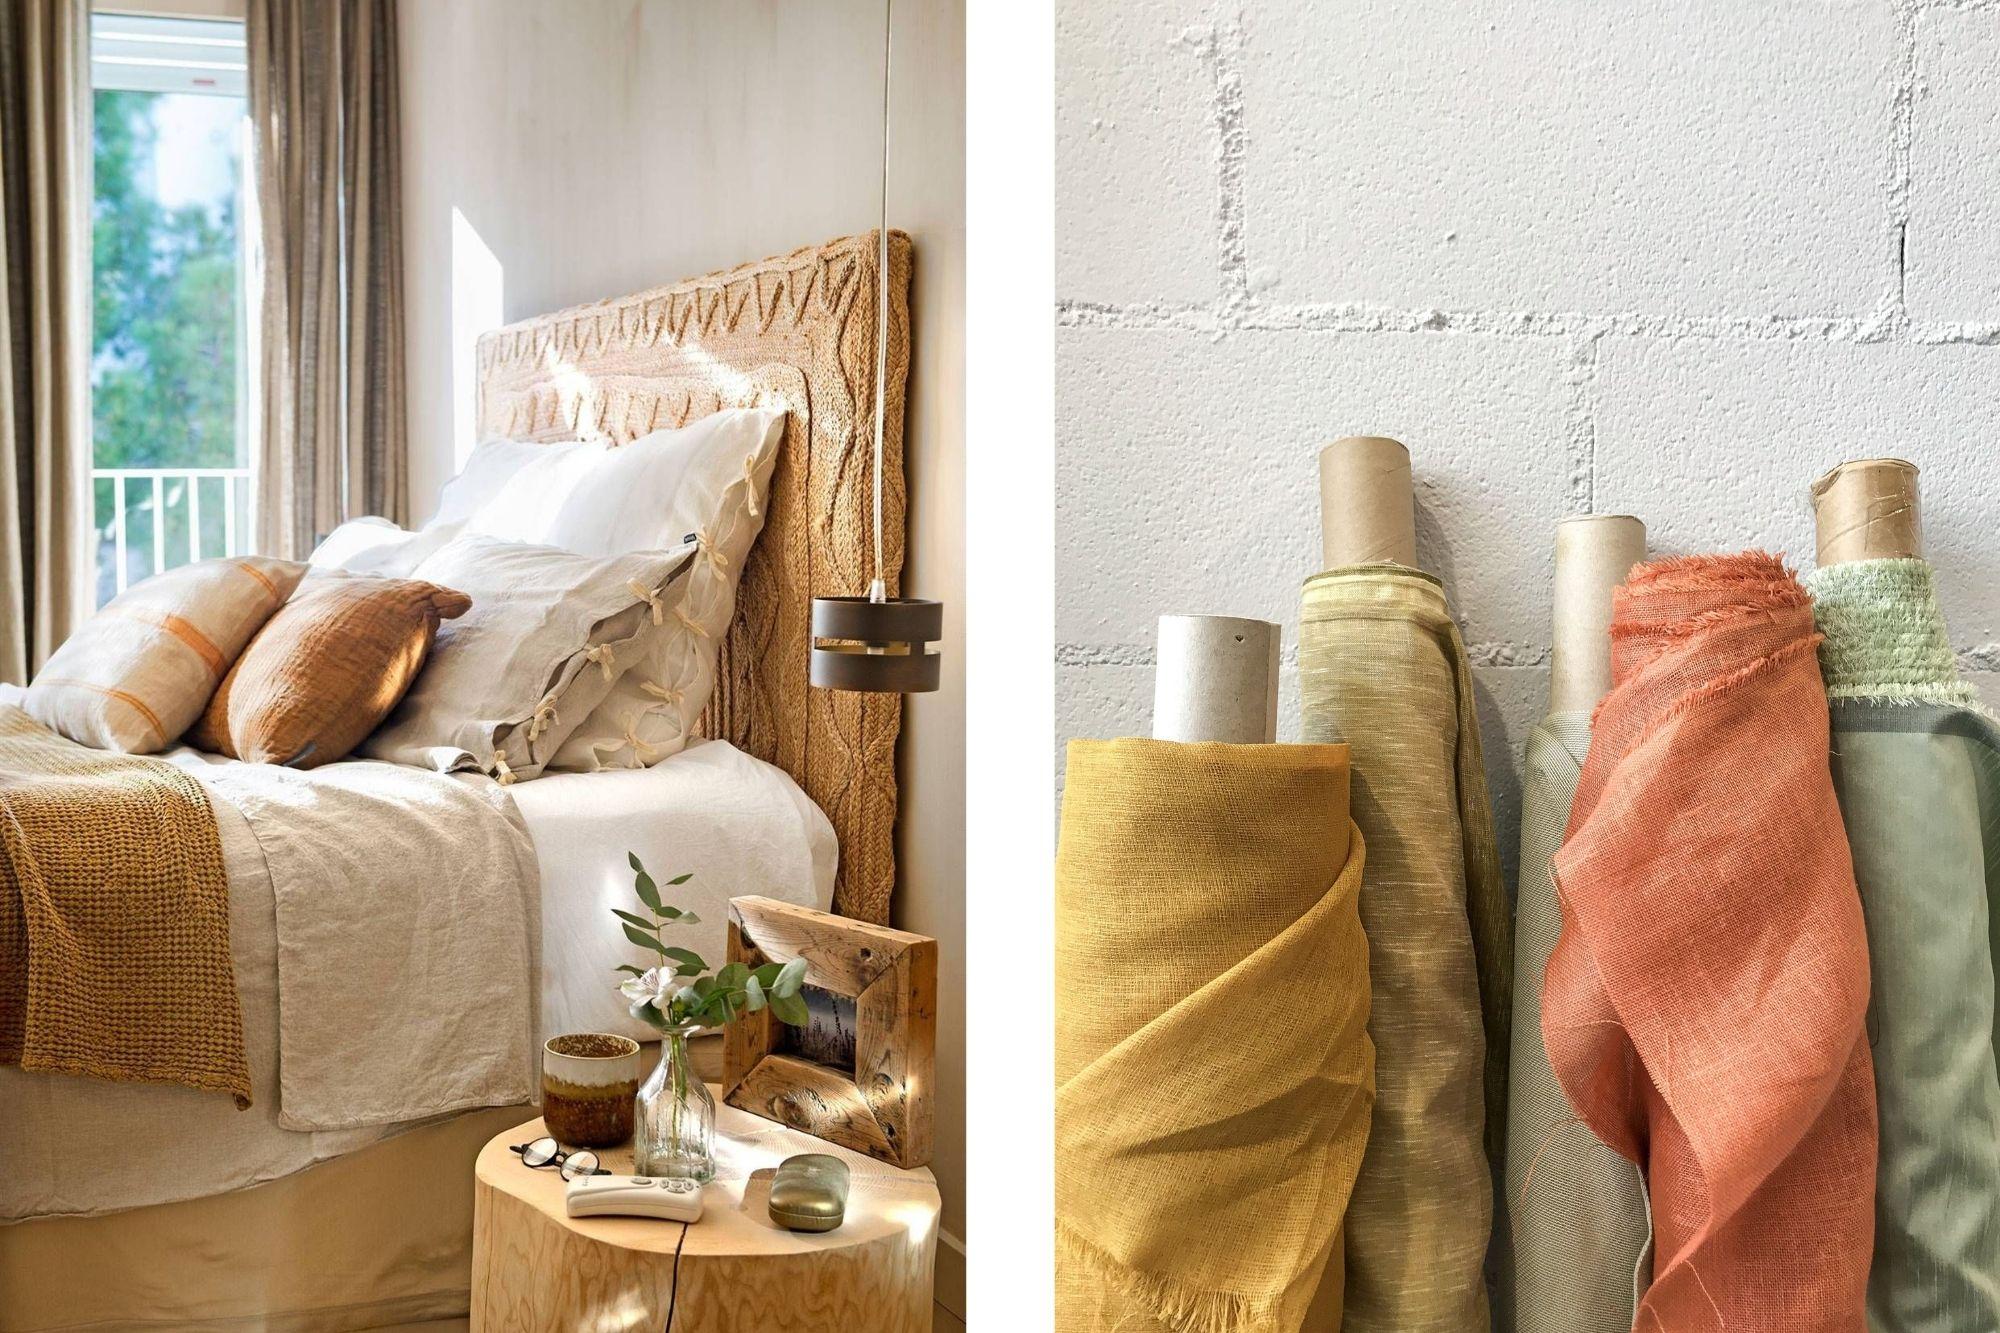 Habitacion con sabanas de lino y varias telas de lino de diferentes colores